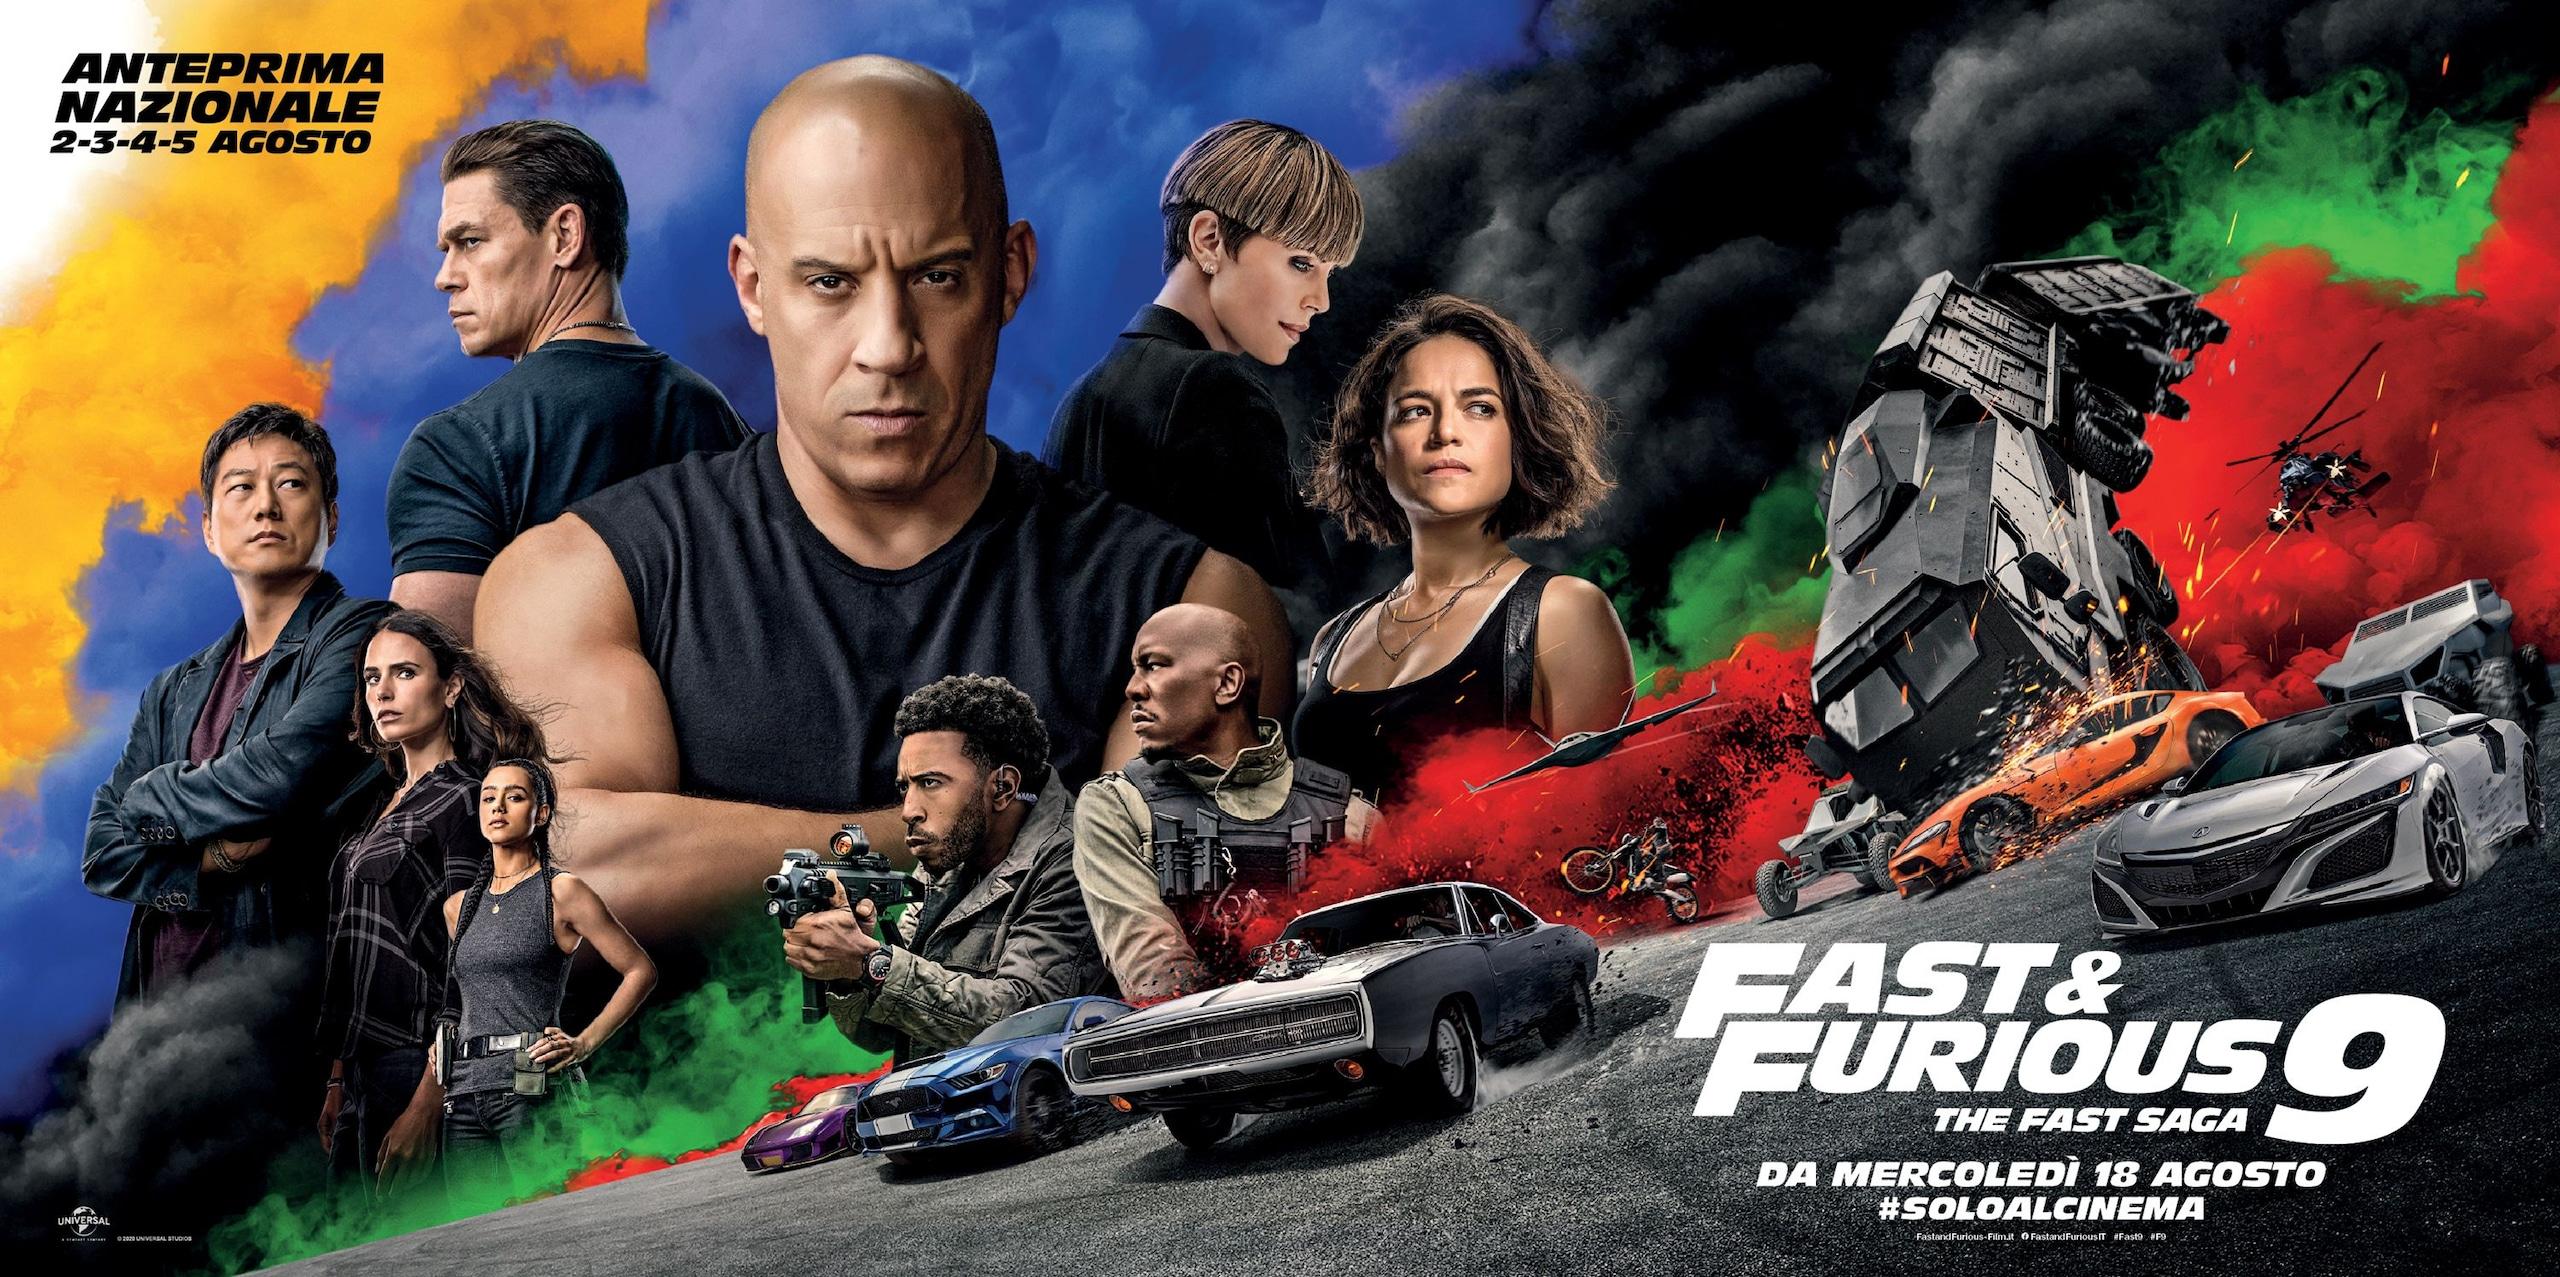 213346348 ee03f710 cdea 4d63 88fa 4378b4811403 - Fast & Furious 9 - The Fast Saga, la recensione